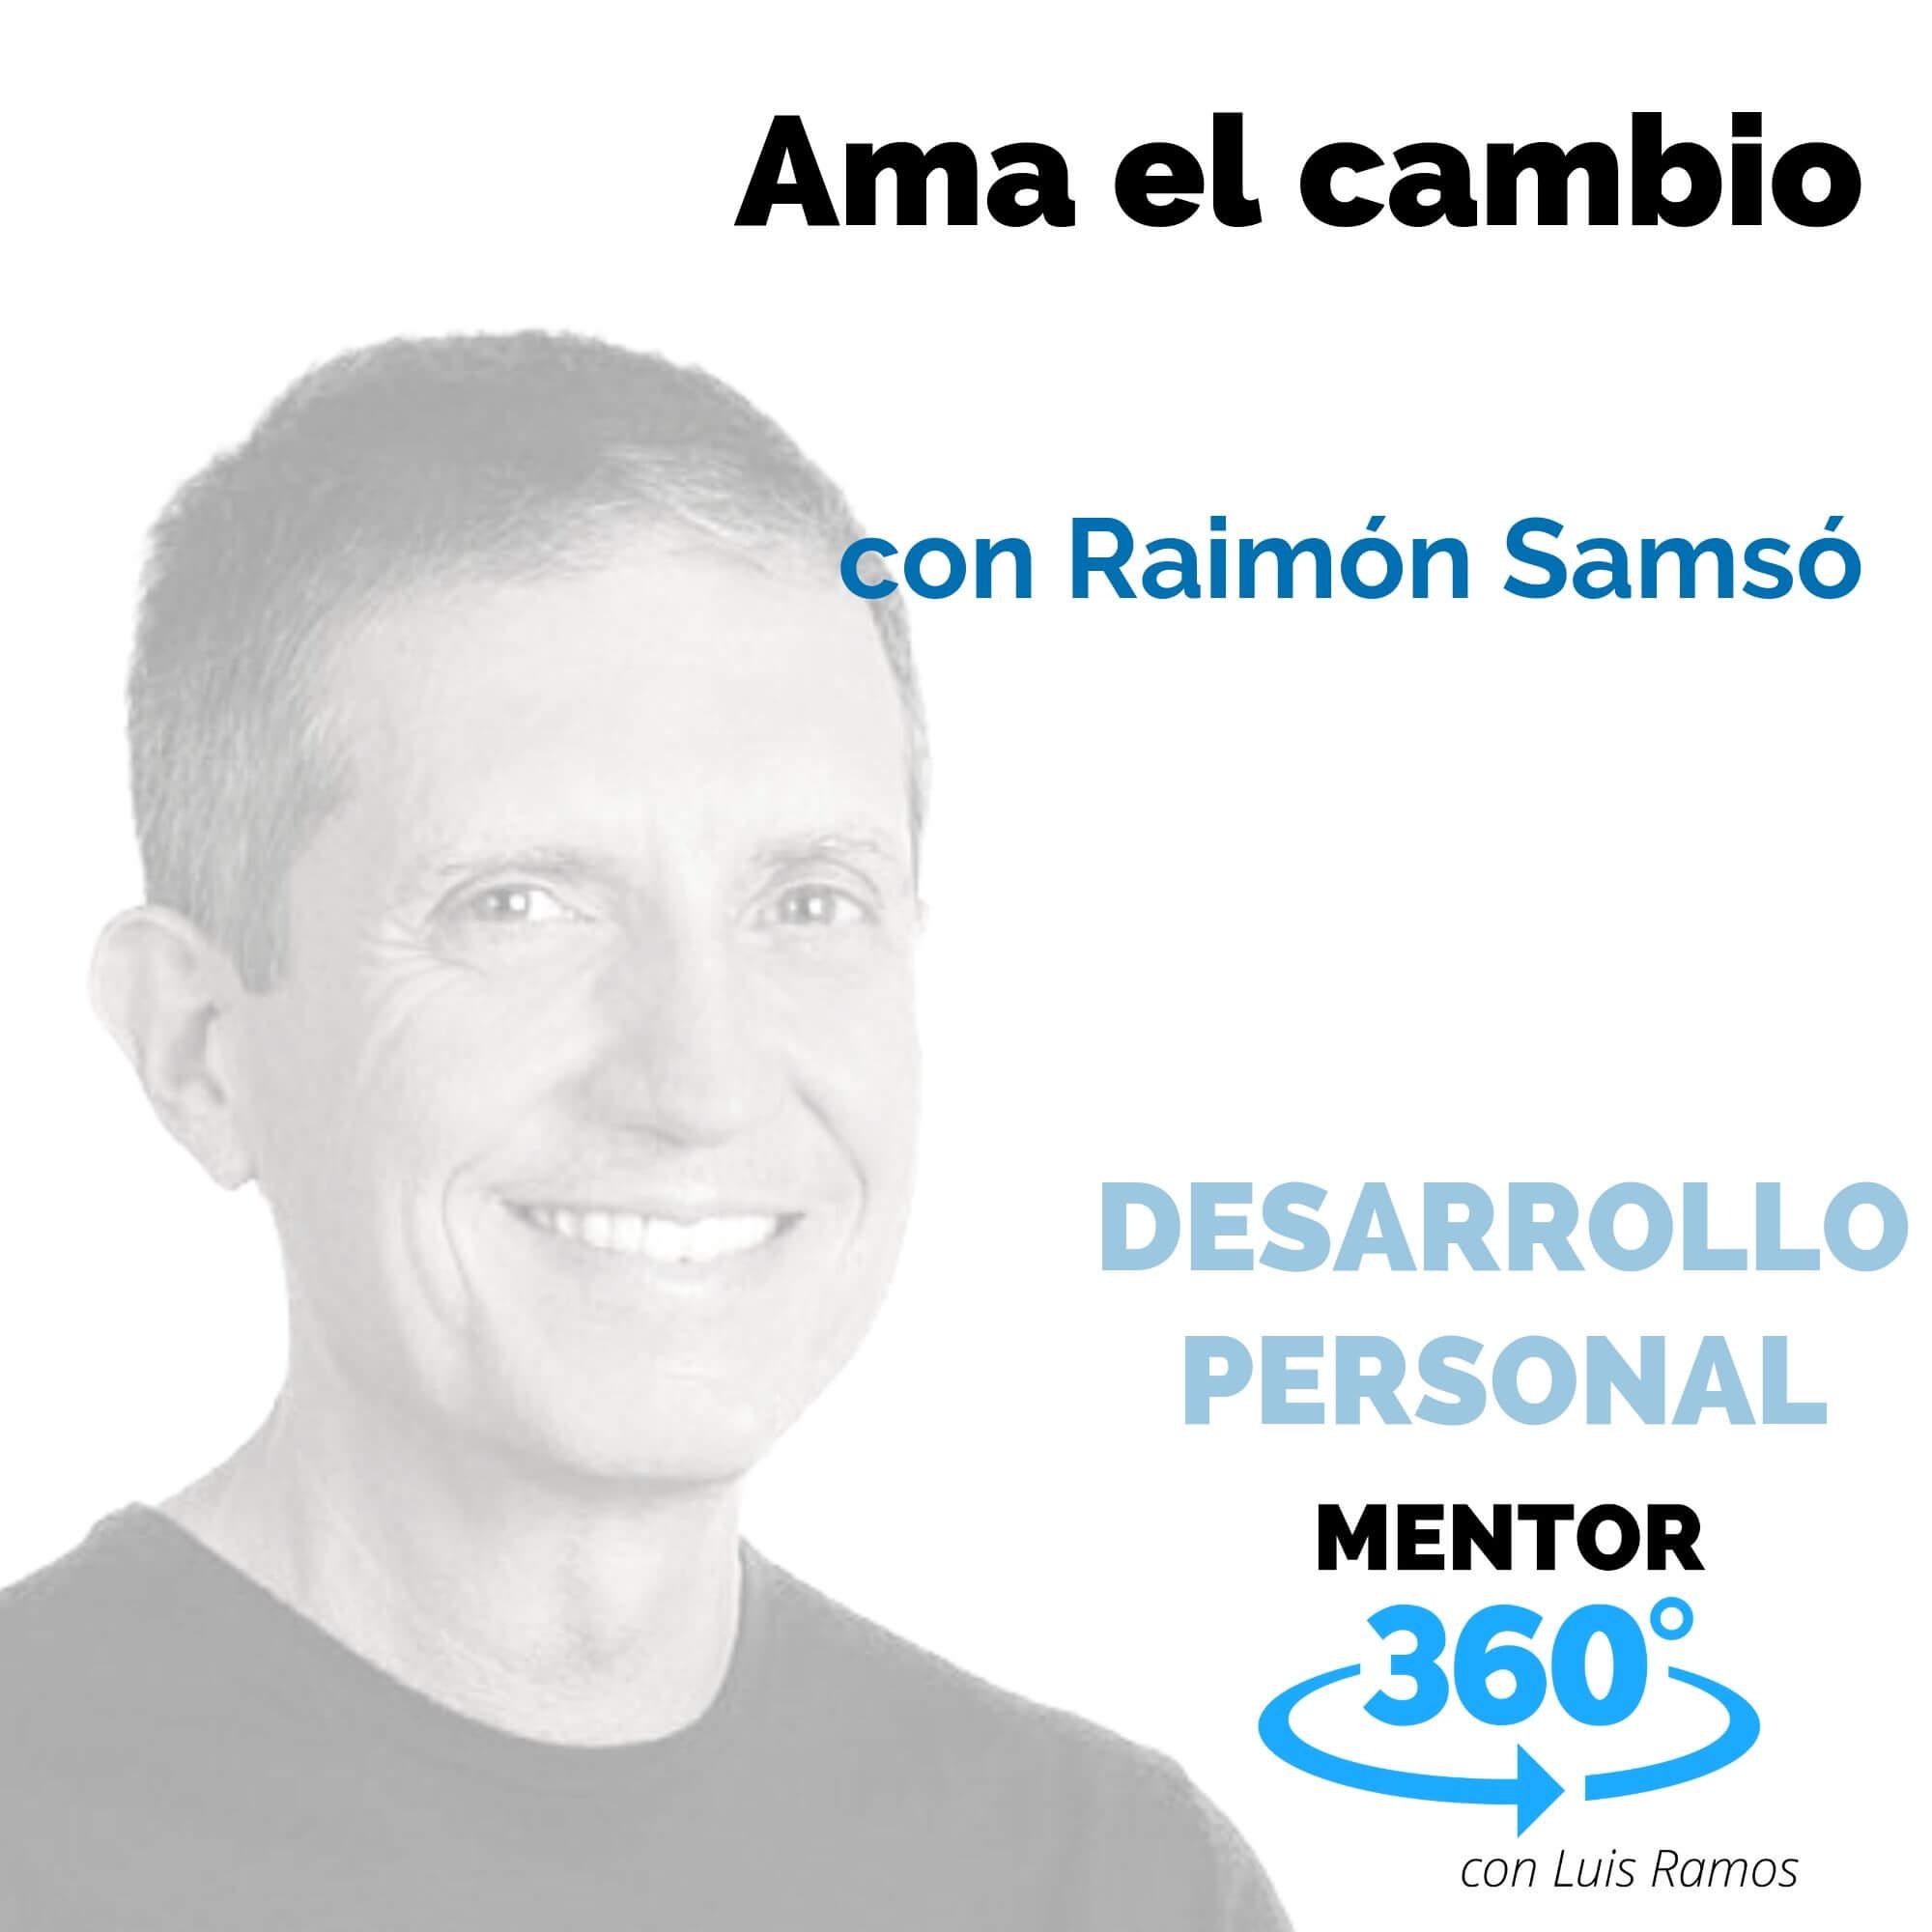 Ama el cambio, con Raimón Samsó - DESARROLLO PERSONAL